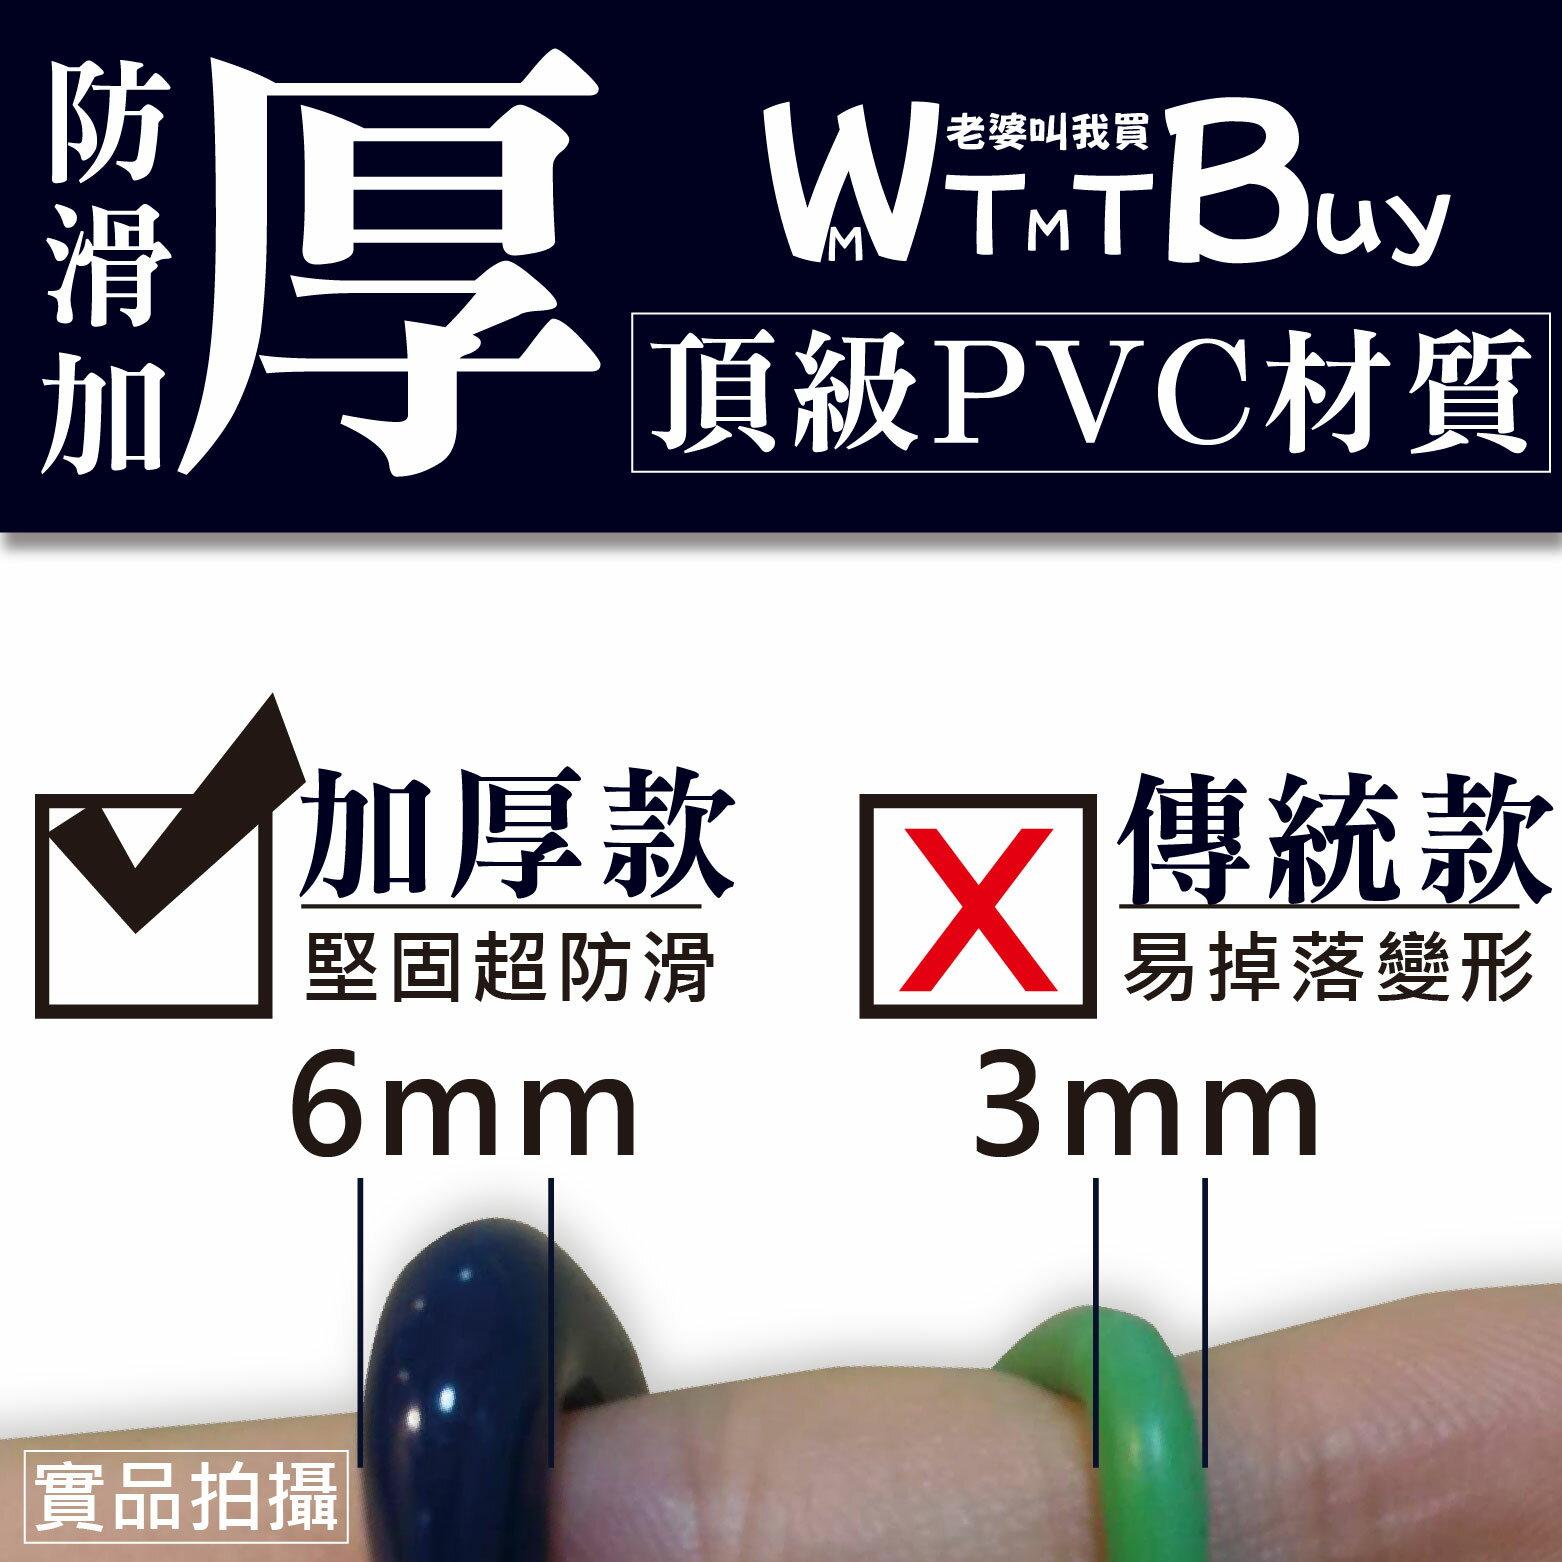 台灣製造老婆叫我買 加厚PVC防滑曬衣架防滑衣架晾衣架曬衣架衣架鐵衣架 奈米防滑 鐵絲衣架 三角架曬衣服